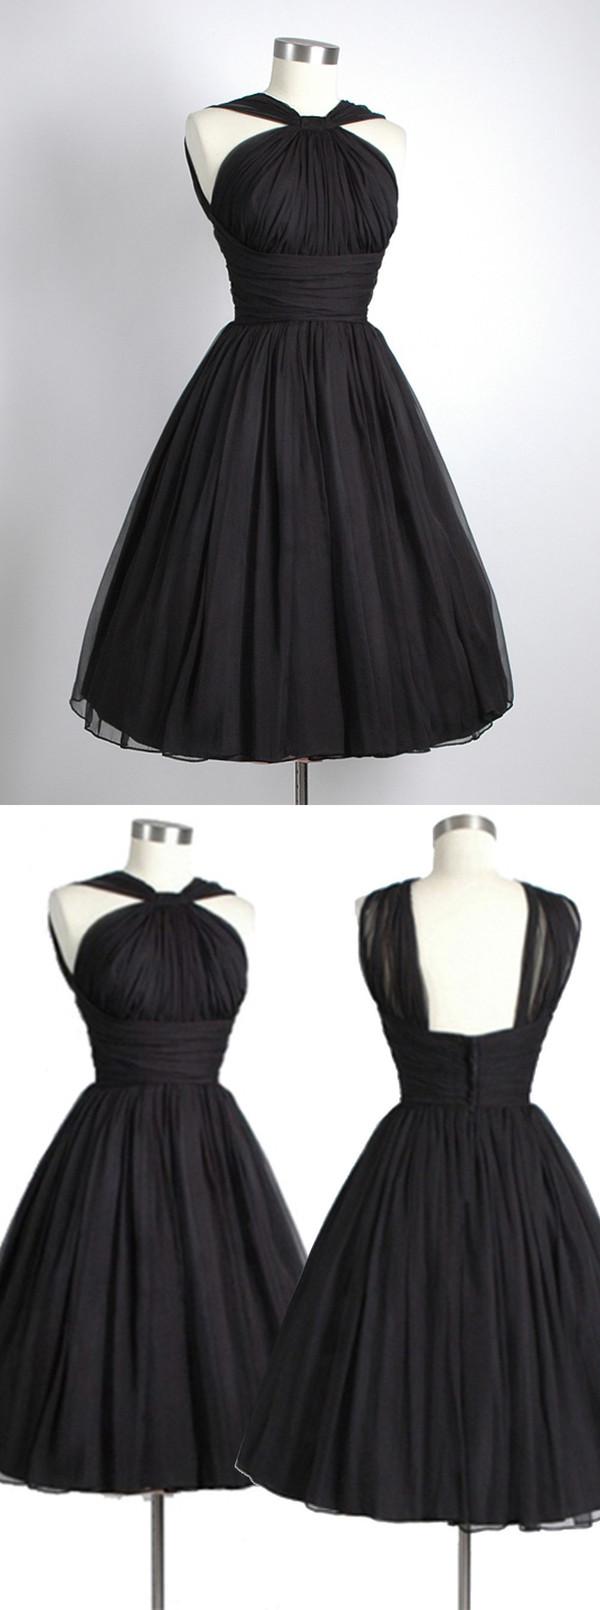 dress little black dress 2016 homecoming dress vintage homecoming dress party dress black homecoming dress